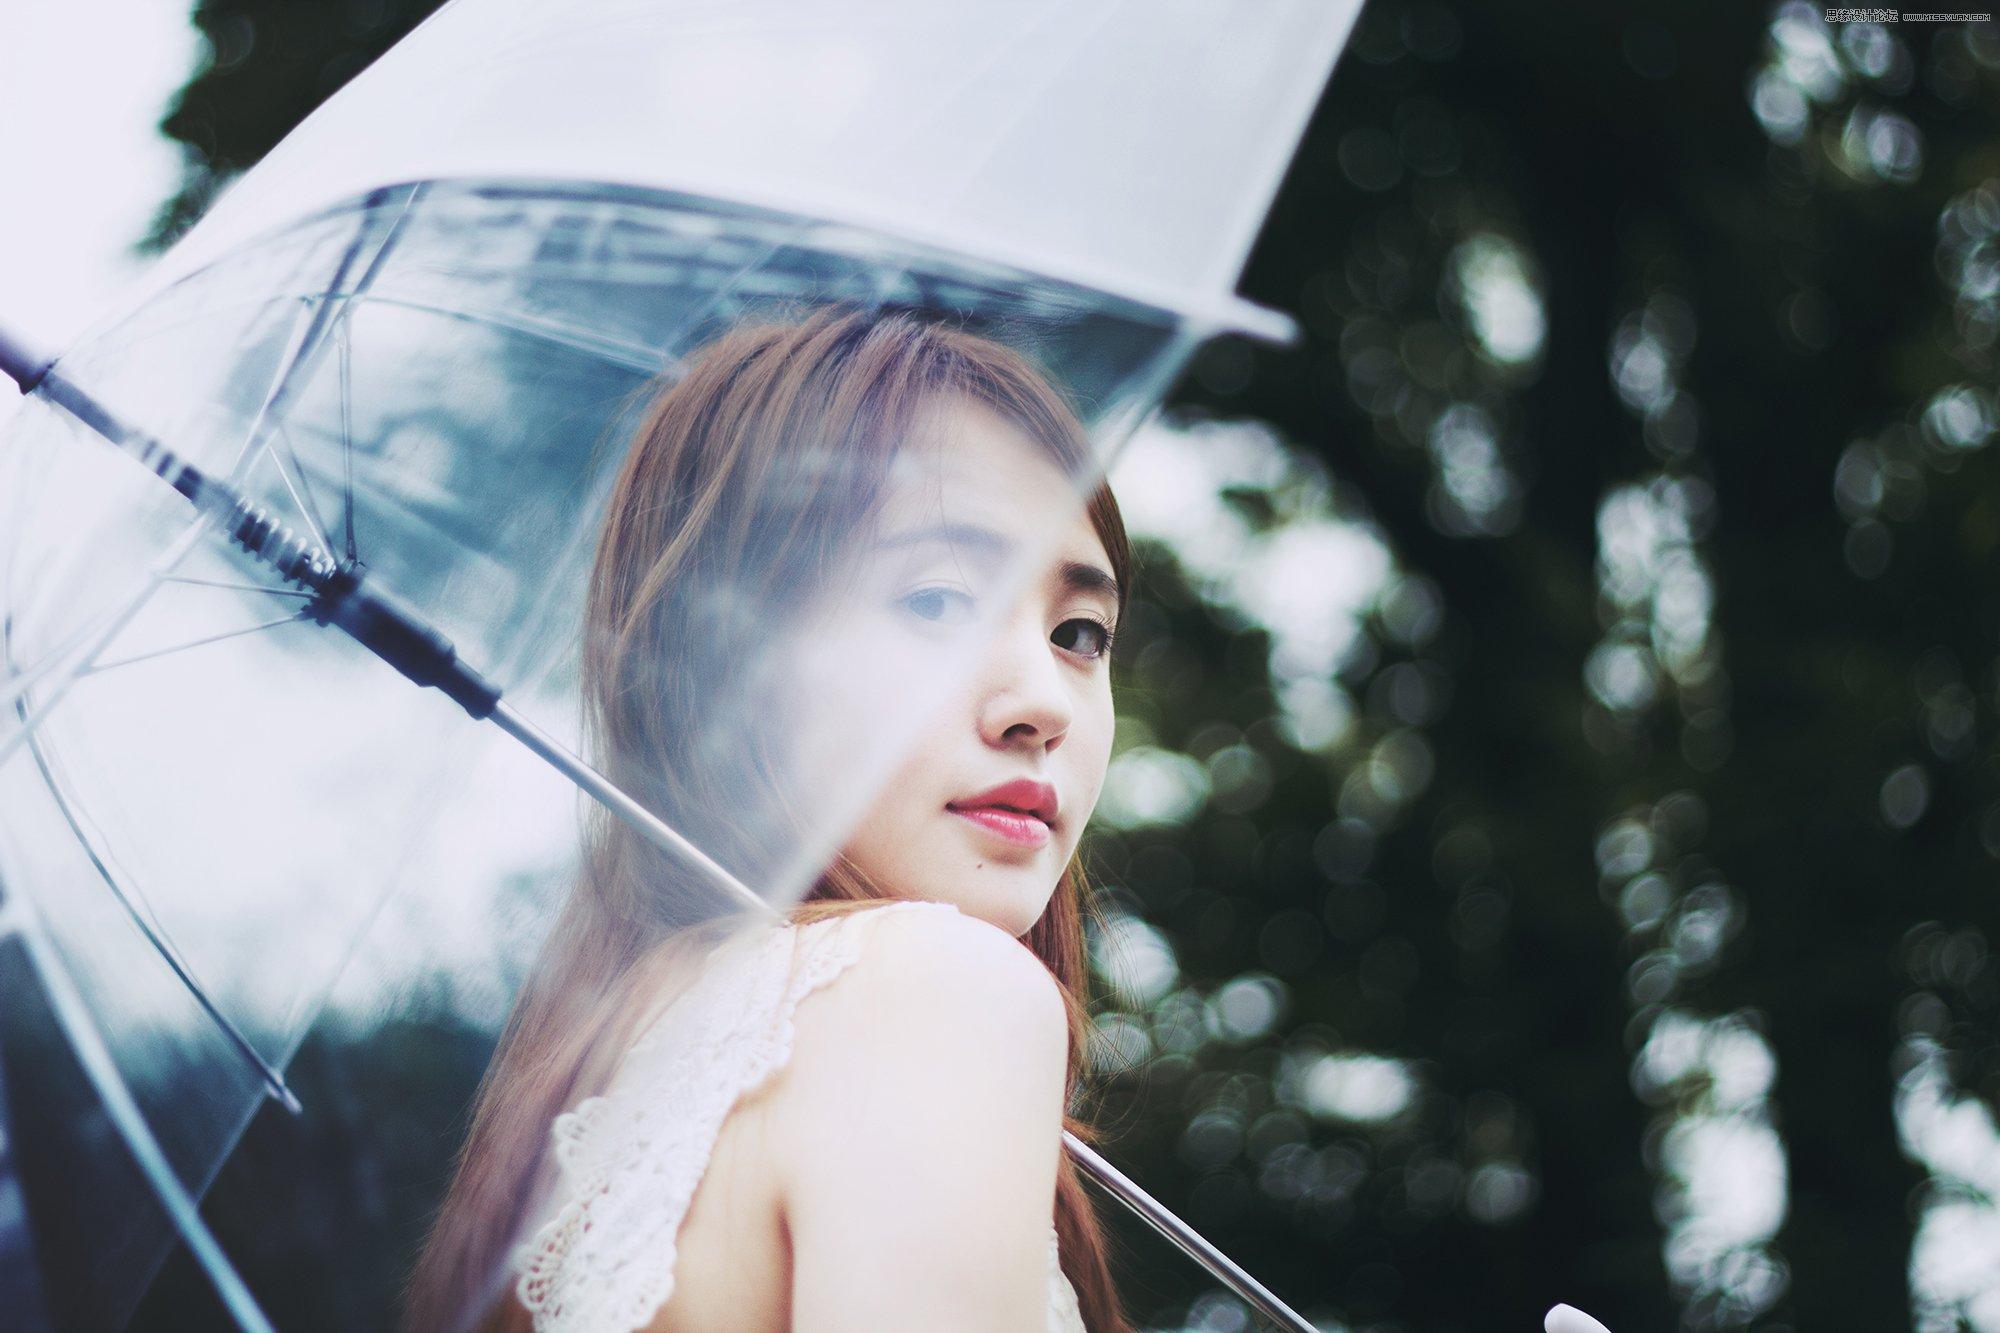 清新照片,PS调出清新艺术效果的外景雨季人像照片